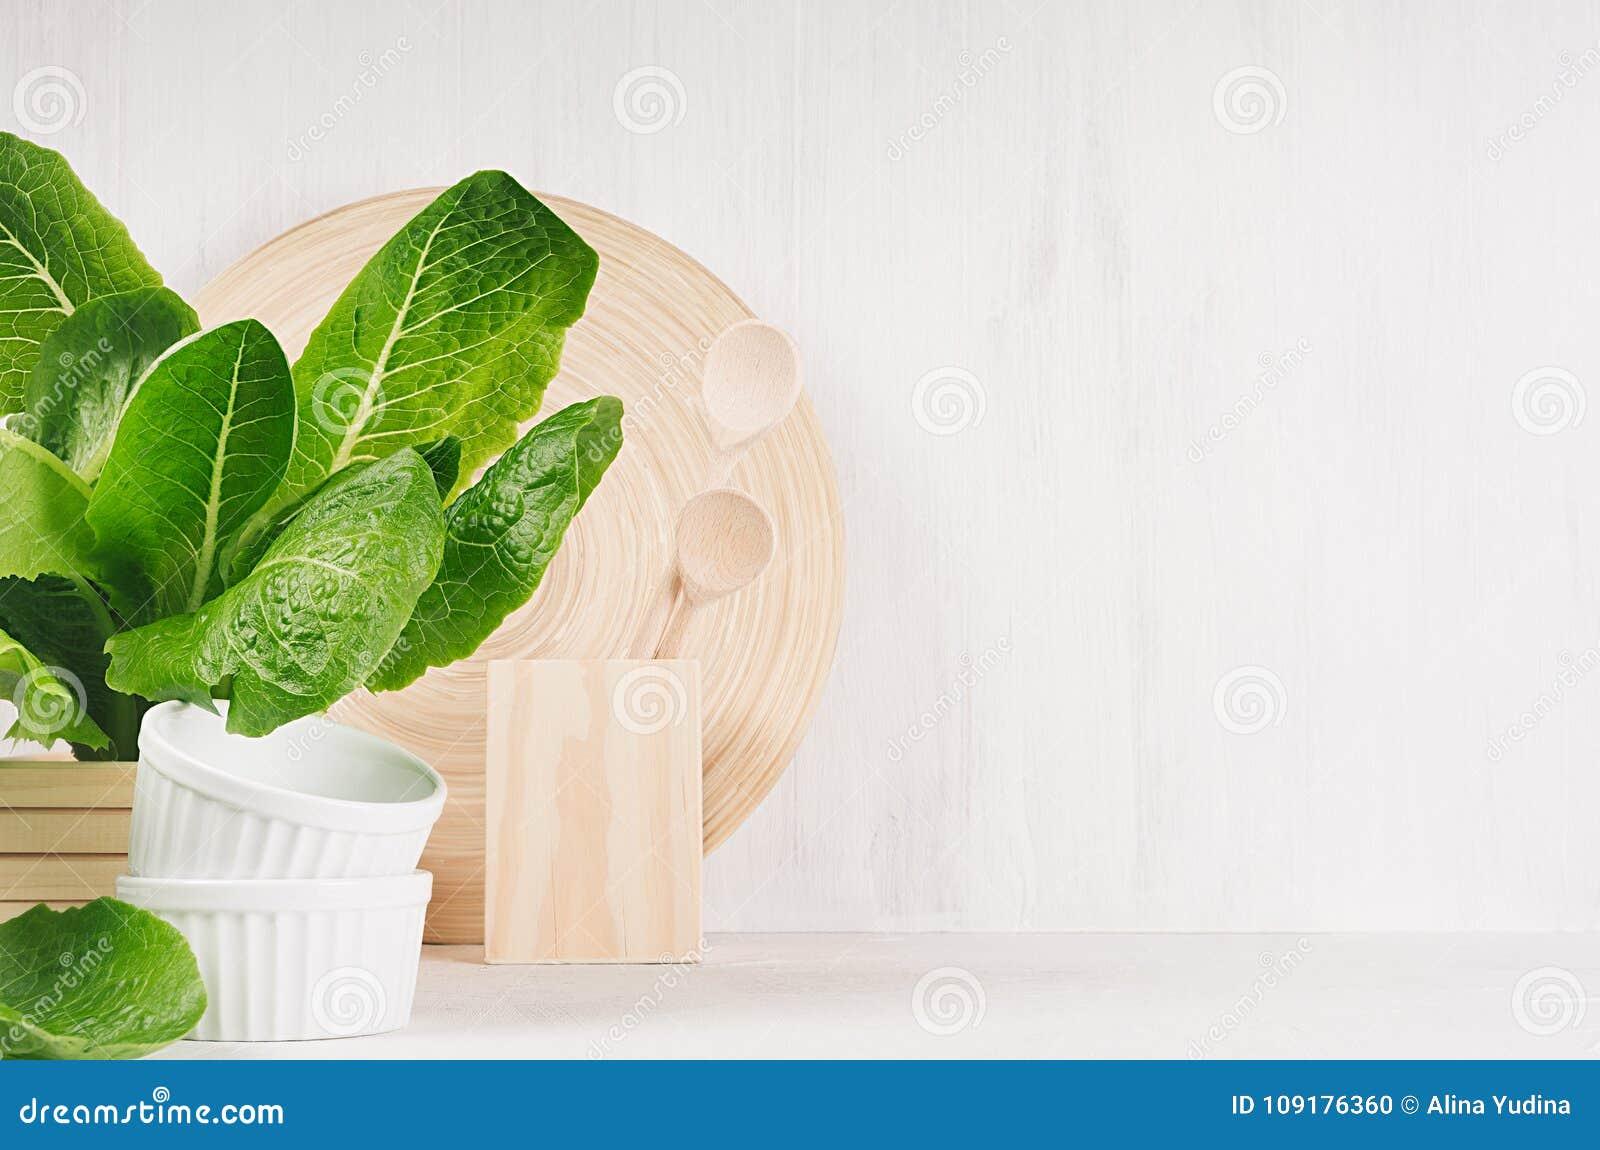 Άσπρο σύγχρονο ντεκόρ κουζινών με το μπεζ φυσικό ξύλινο πιάτο, εργαλεία, πράσινες εγκαταστάσεις στο ξύλινο υπόβαθρο